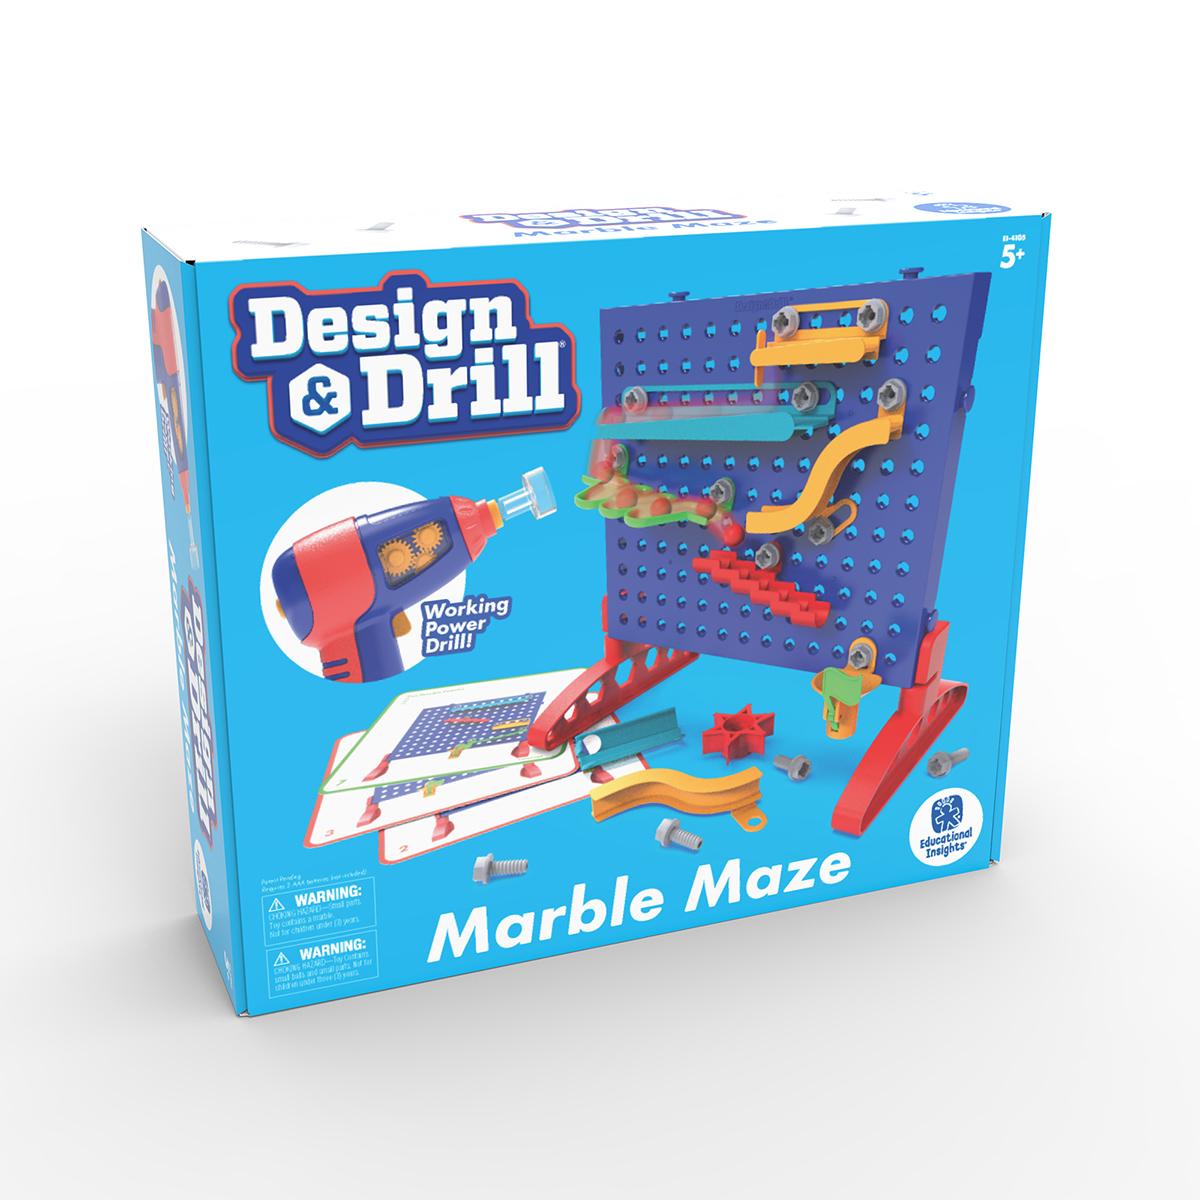 Design & Drill: Marble Maze